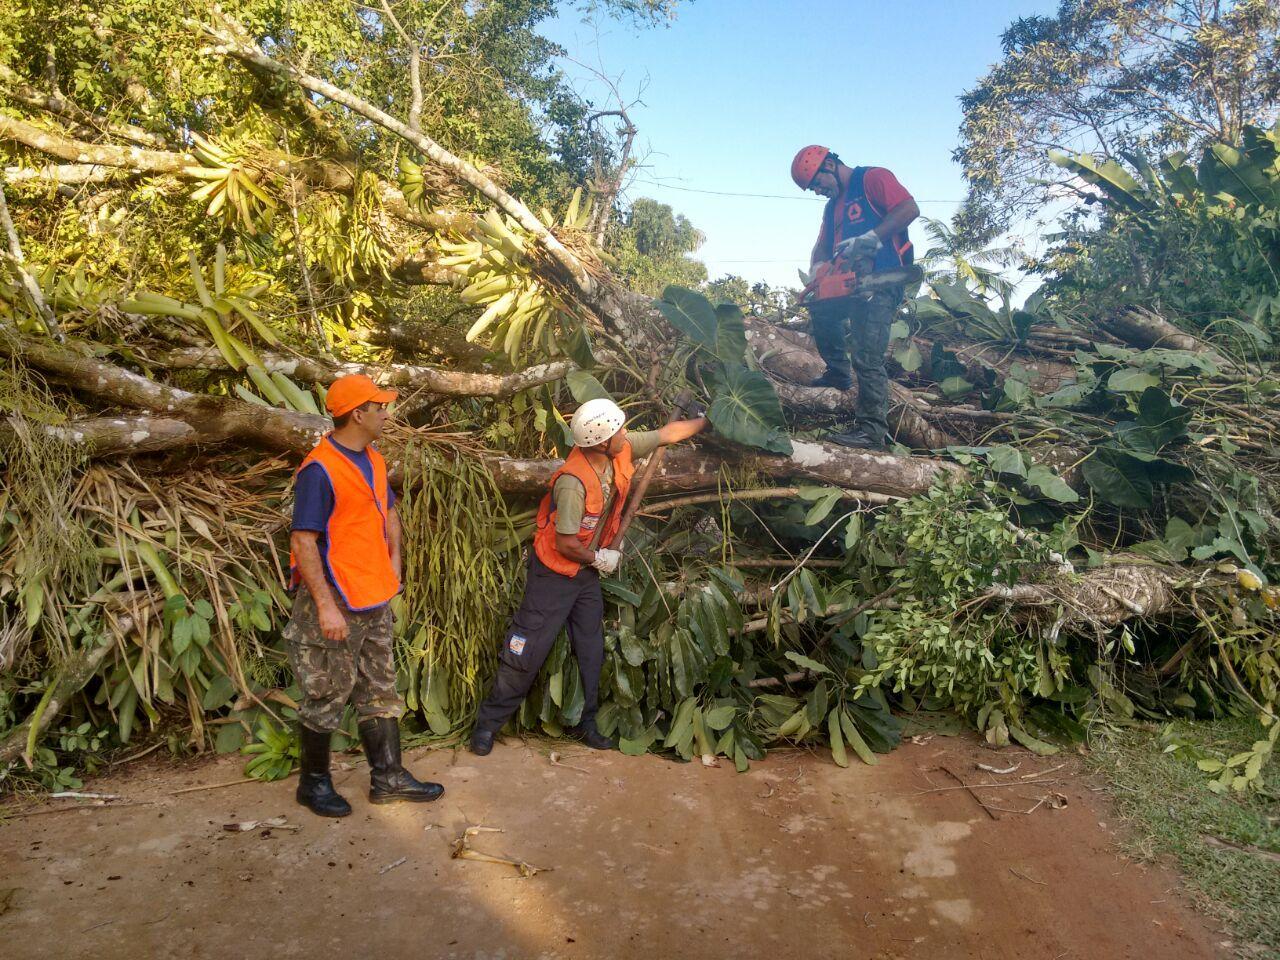 Defesa Civil em ação na remoção de árvores. / Secretaria de Comunicação Social / PMU